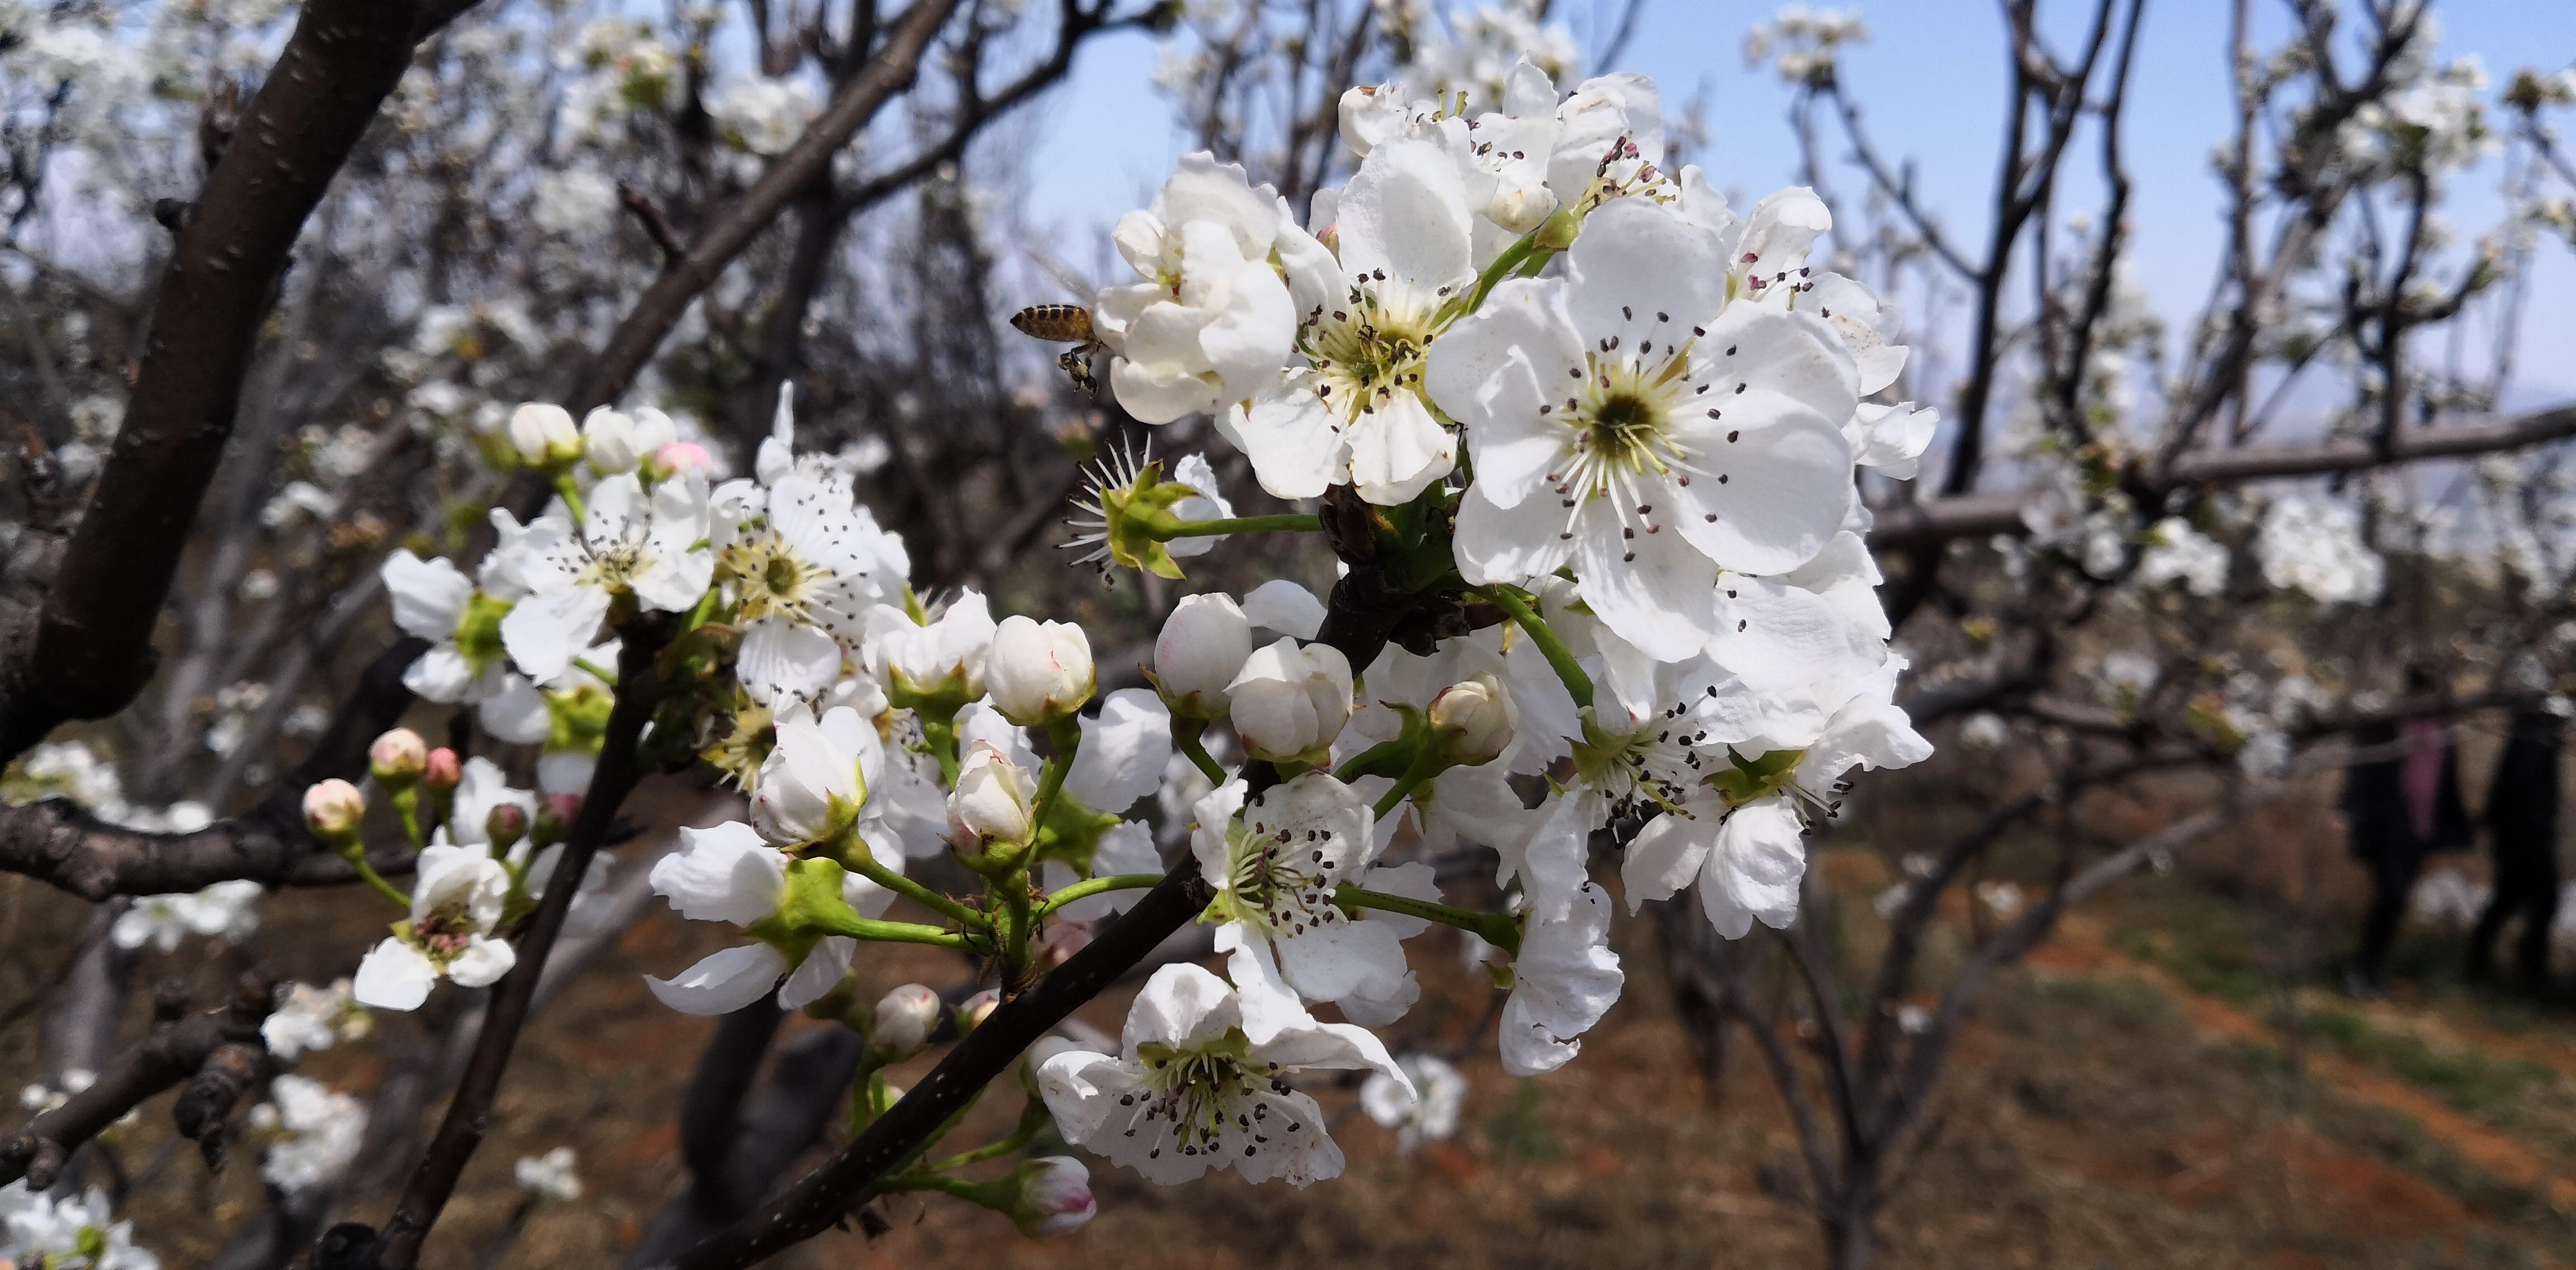 梨花朵朵向阳开